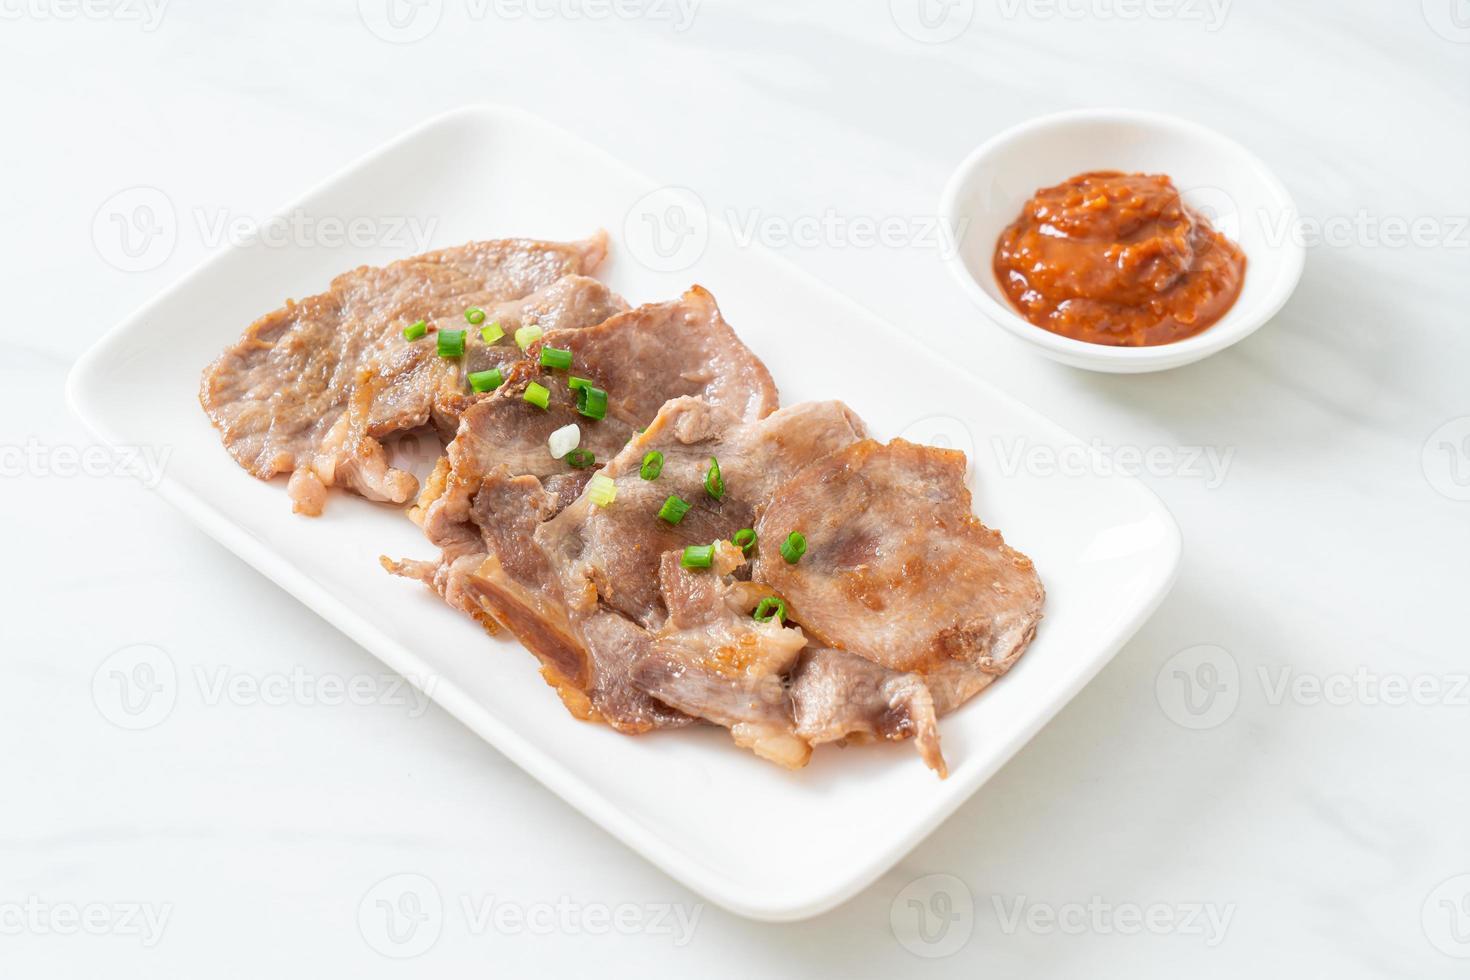 gegrillter Schweinenacken auf Teller nach asiatischer Art geschnitten foto